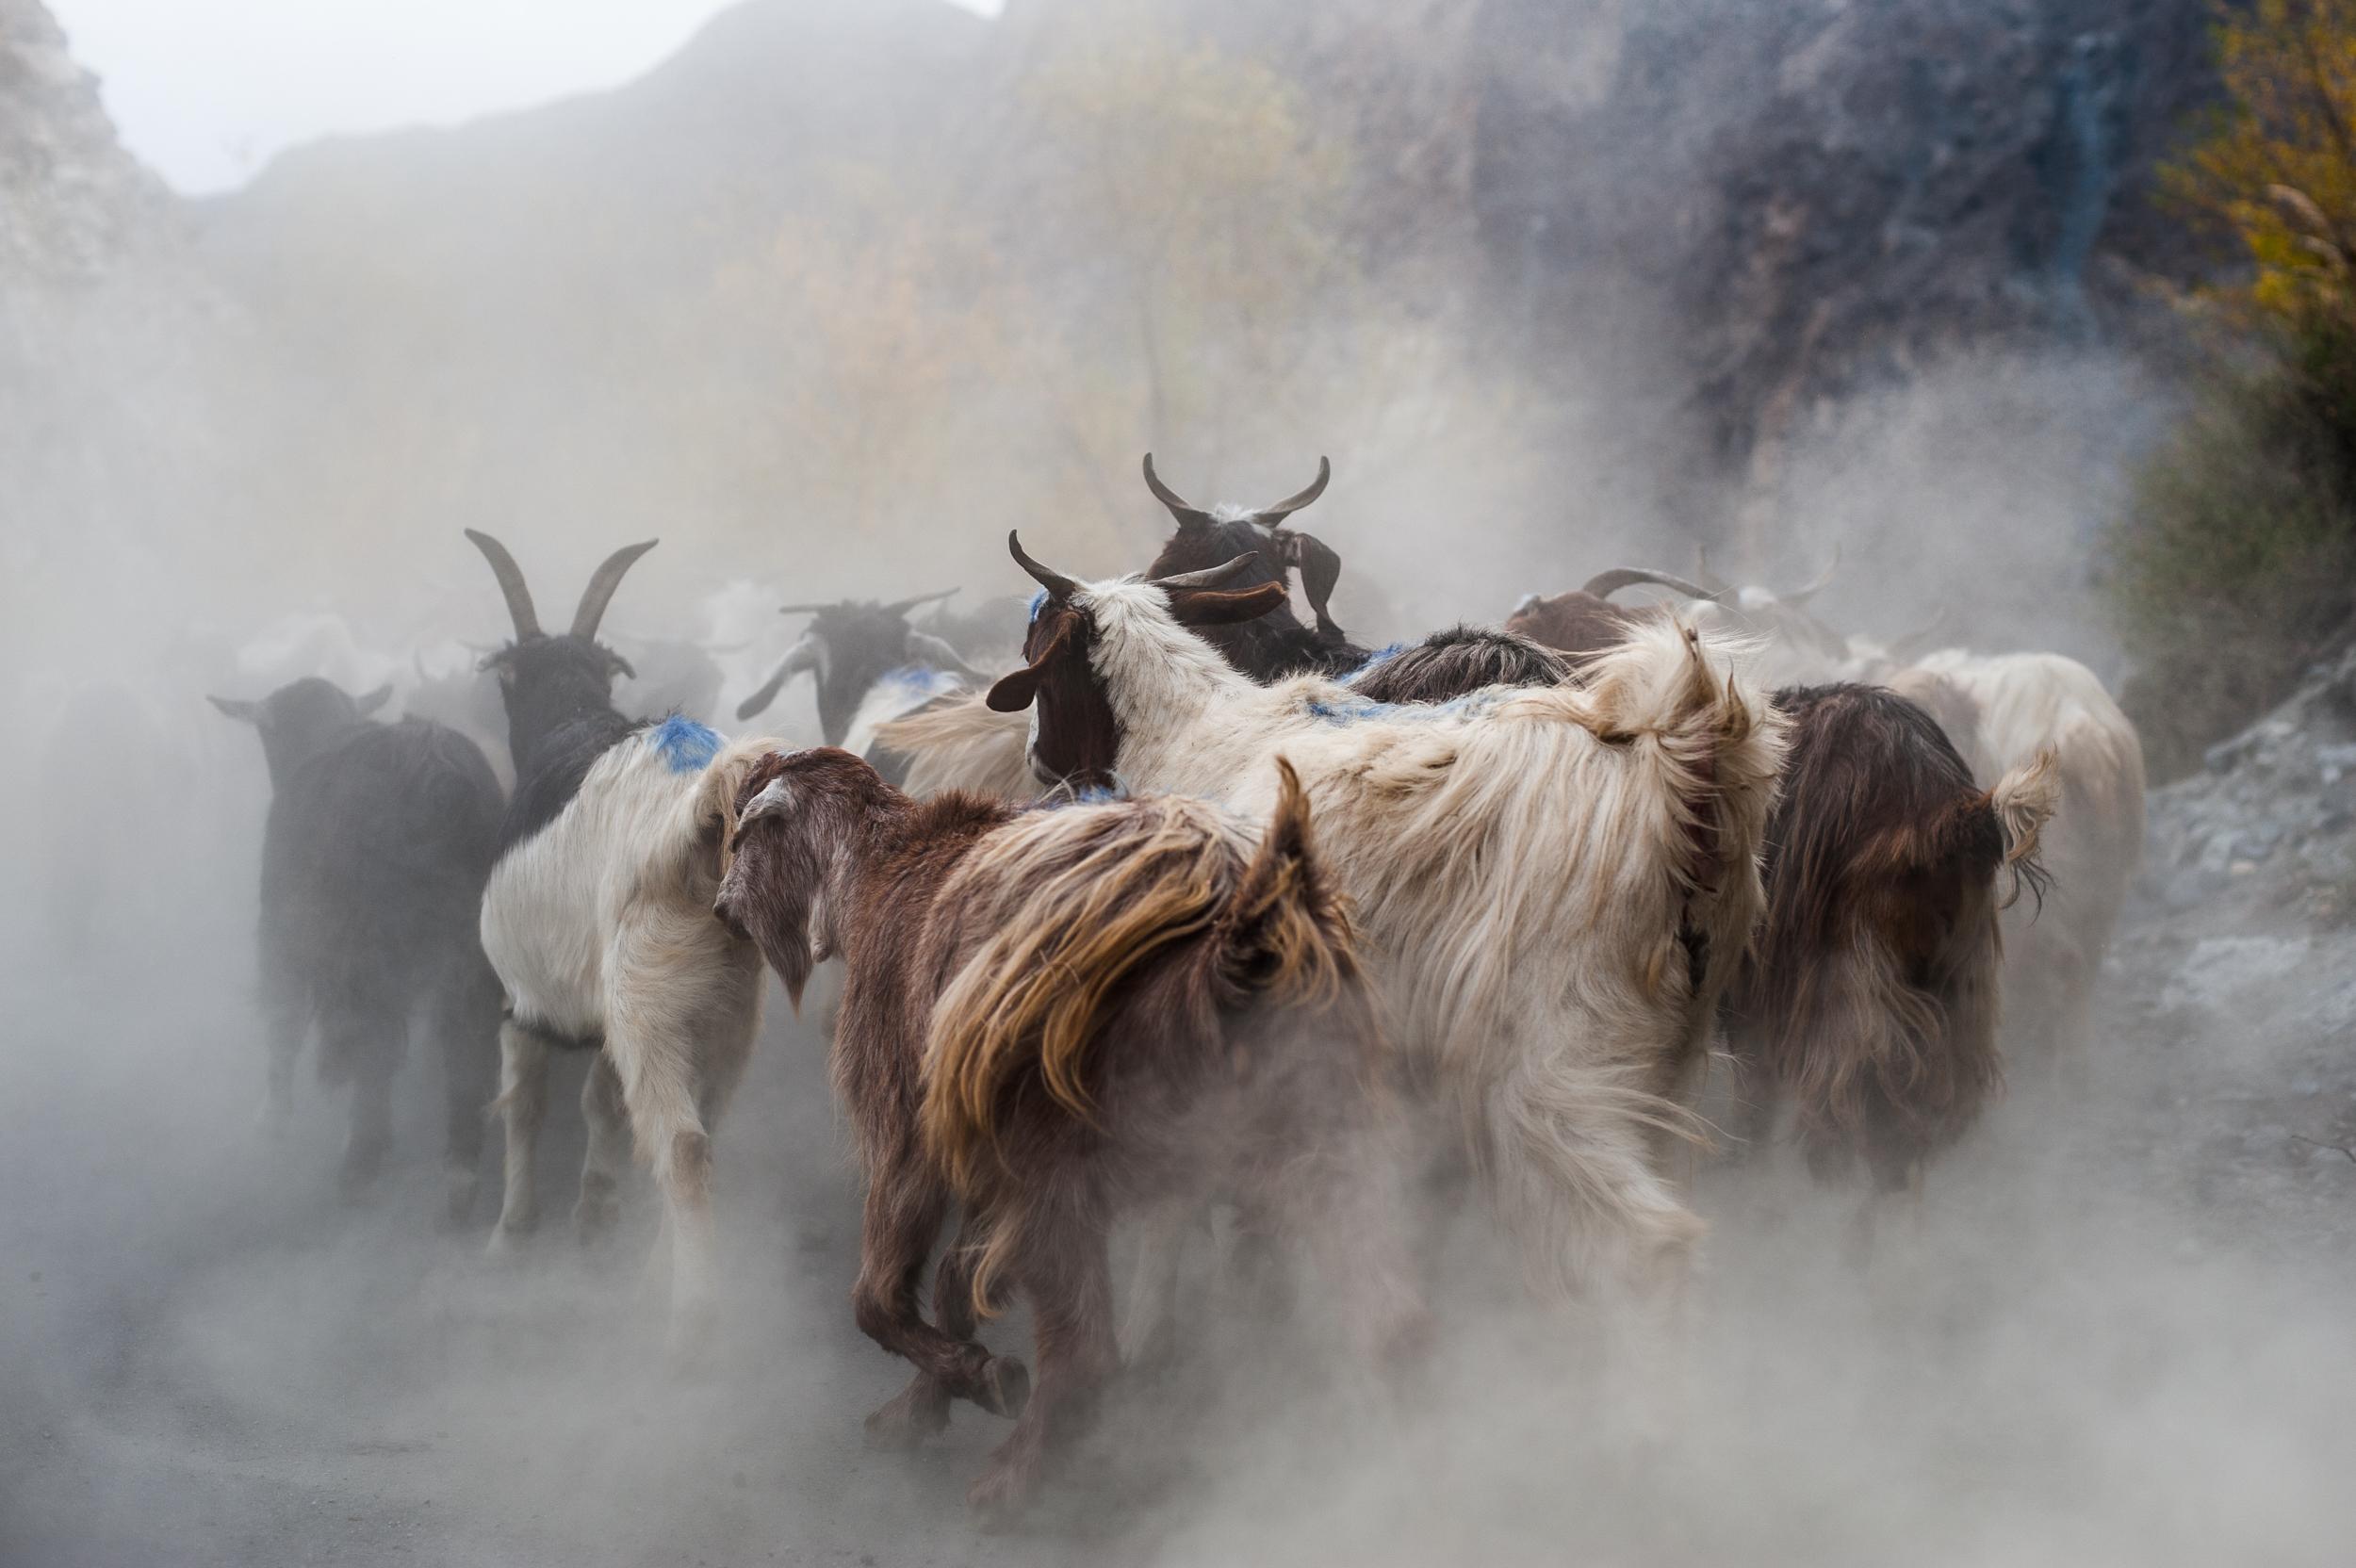 A heard of goats running along a dusty road in northern Pakistan _DSC2060.jpg